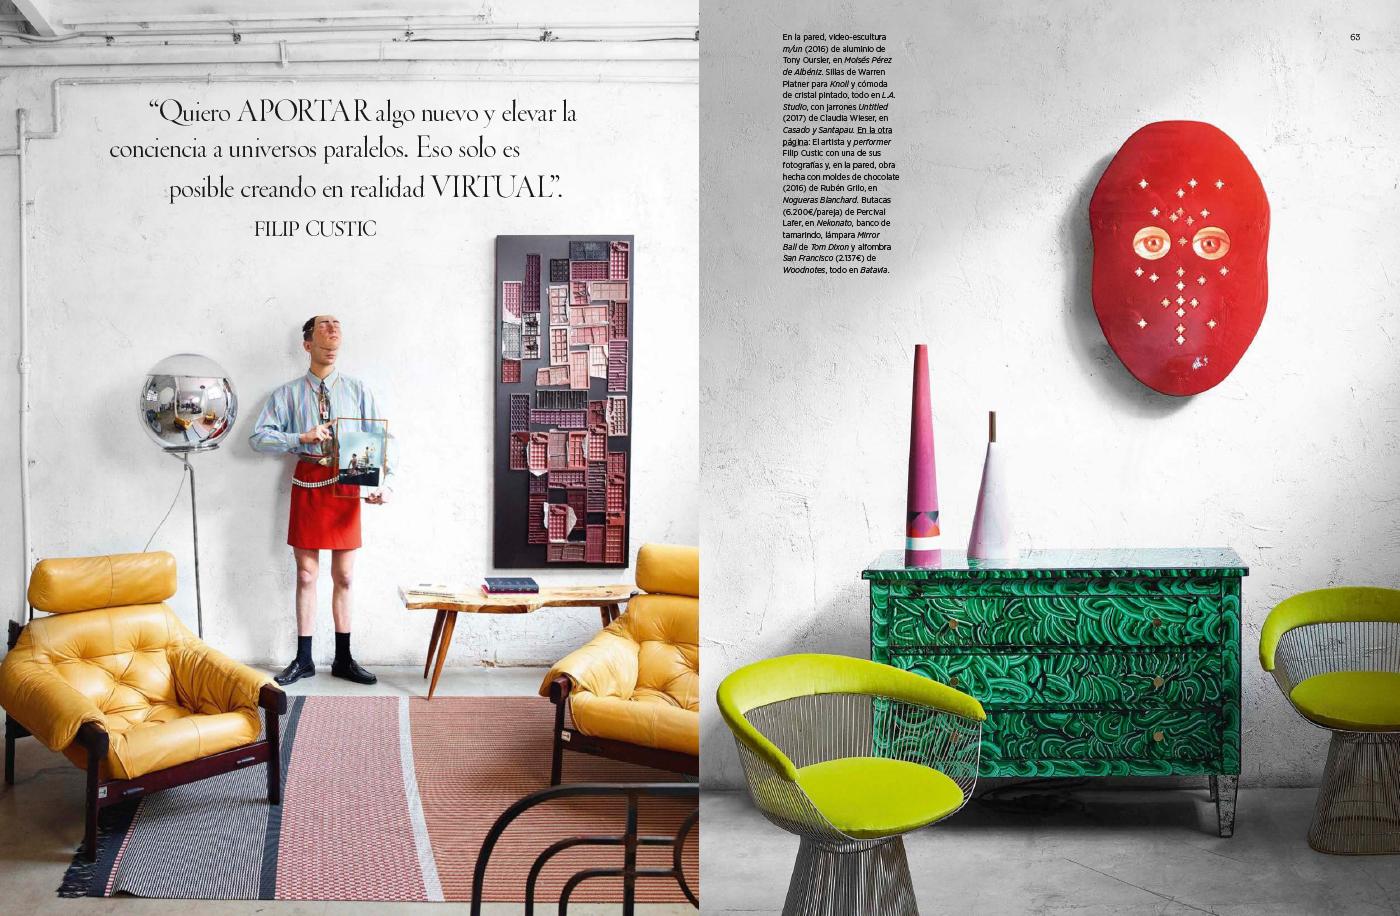 Ad espa a el futuro era esto blog de muebles y decoraci n for Muebles y decoracion madrid